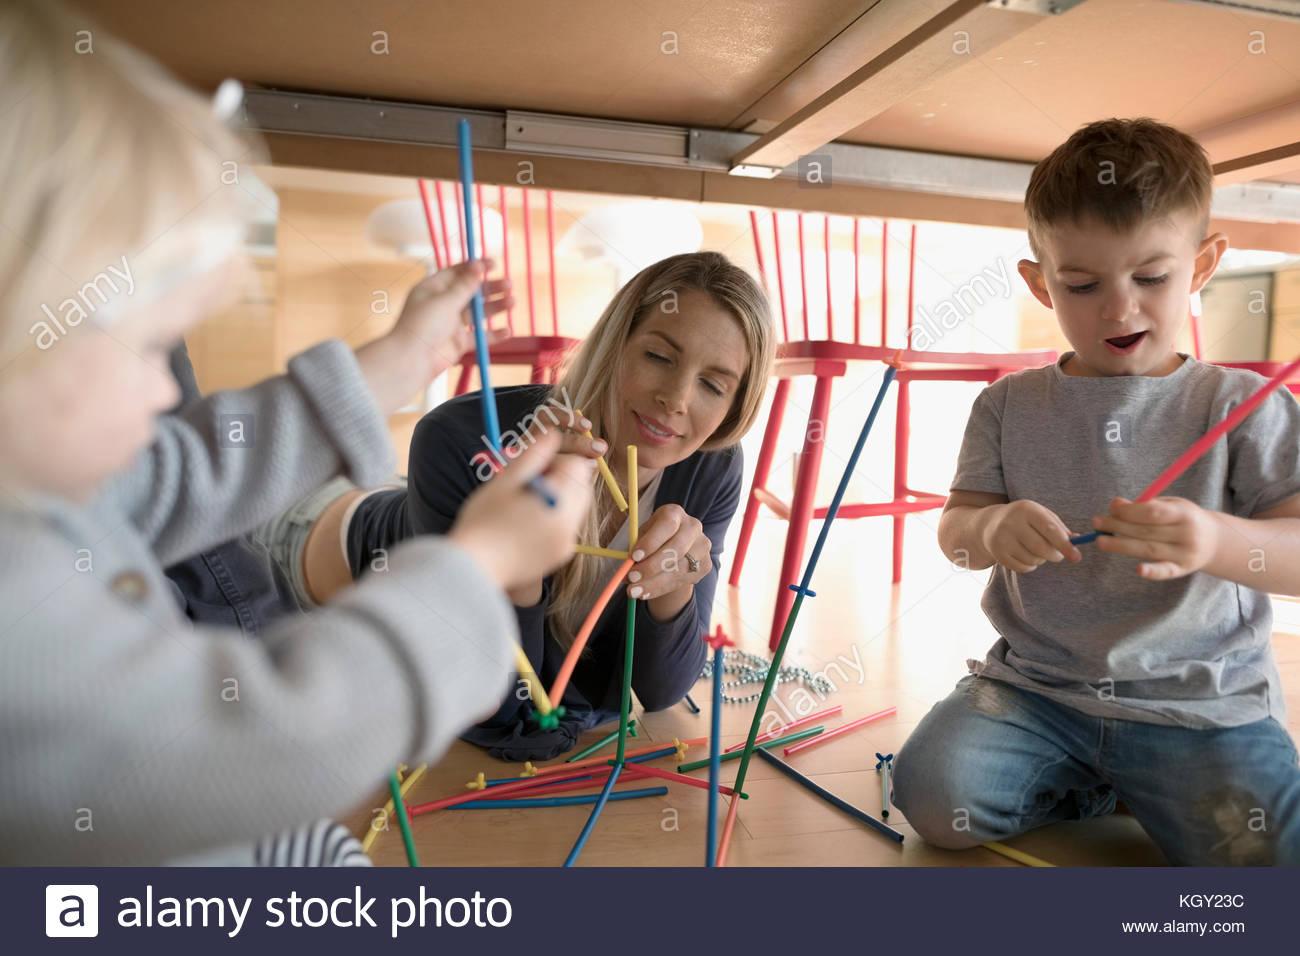 Mutter und Kleinkind Kinder spielen mit Stecker Sticks unter Tabelle Stockbild